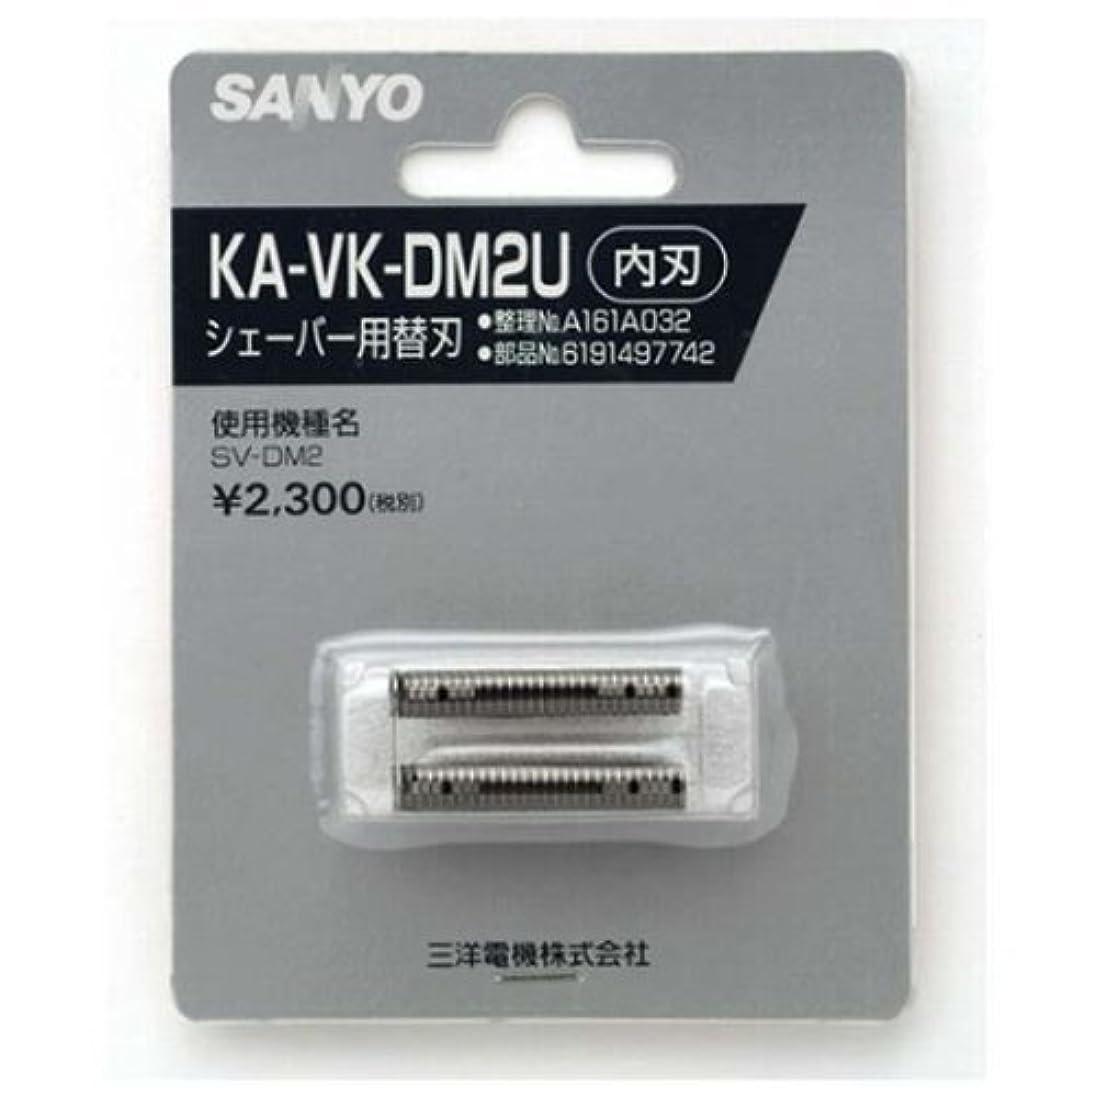 佐賀化合物クリームサンヨー 交換用替刃(内刃) KA-VK-DM2U